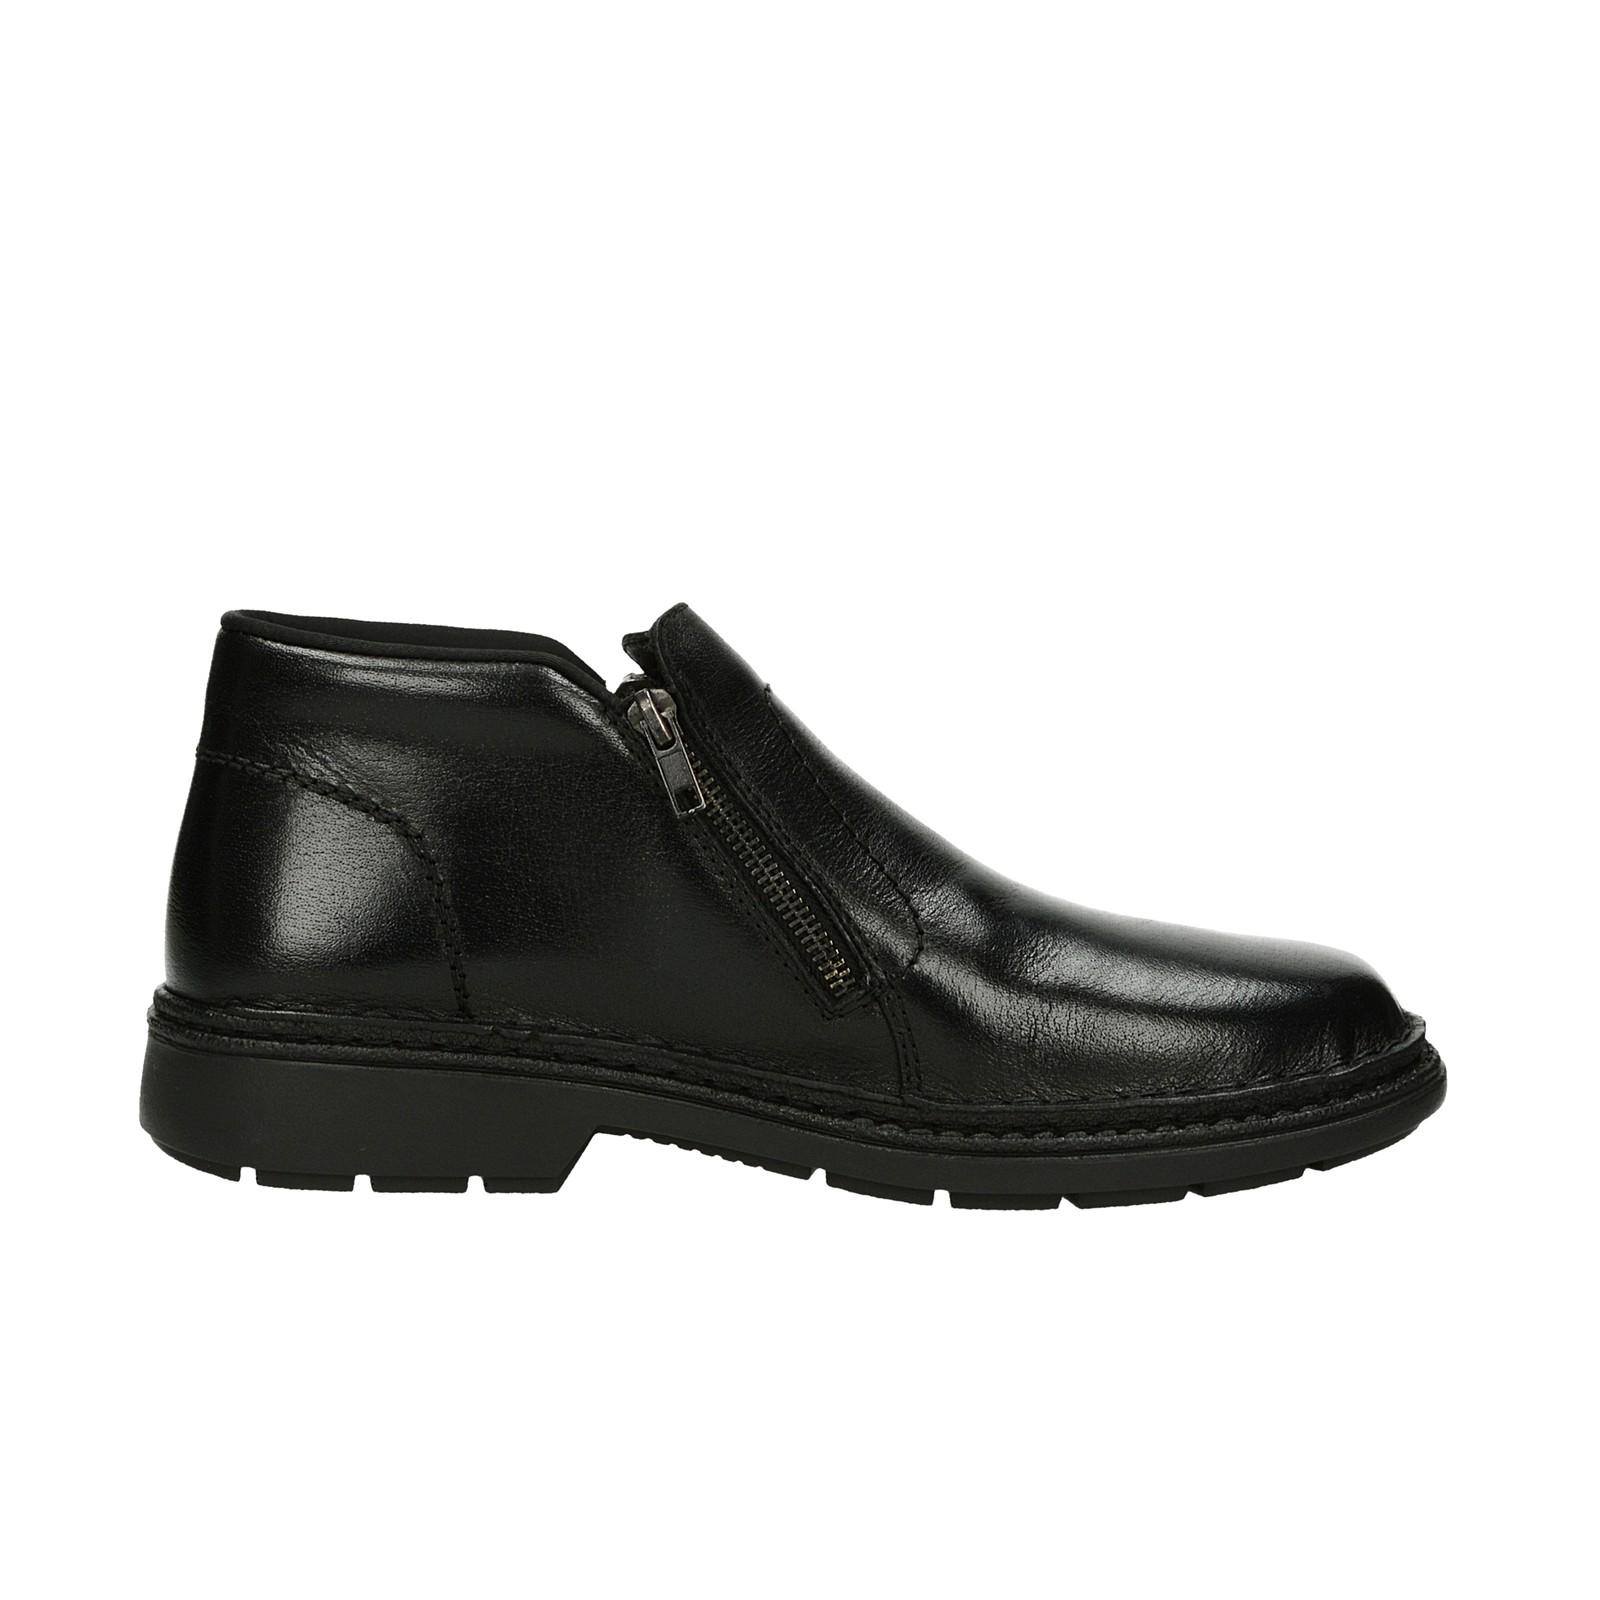 Rieker pánská kožená kotníková obuv - černá